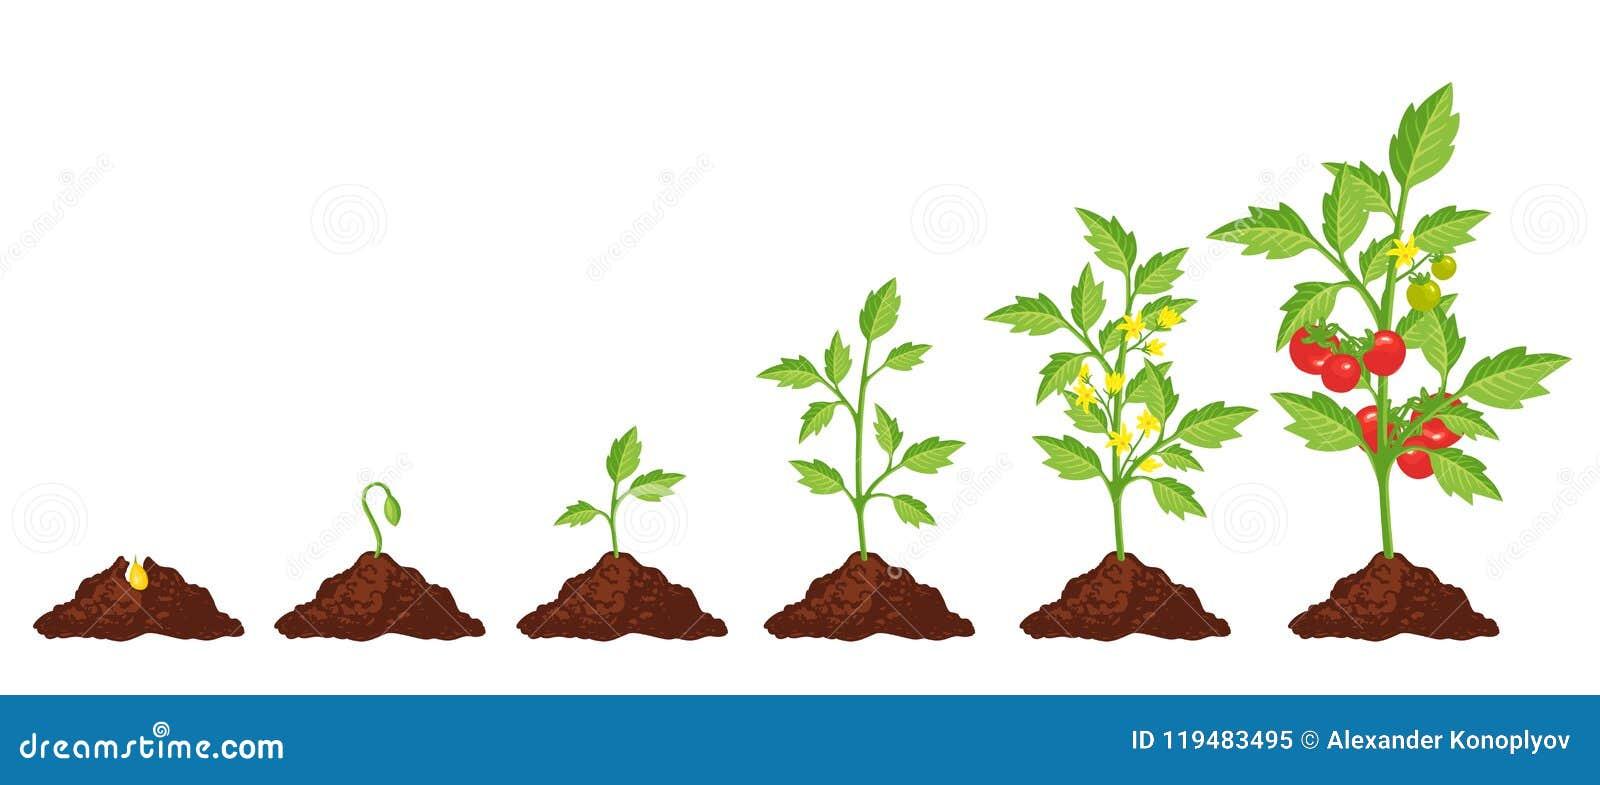 Crescimento da fase do tomate